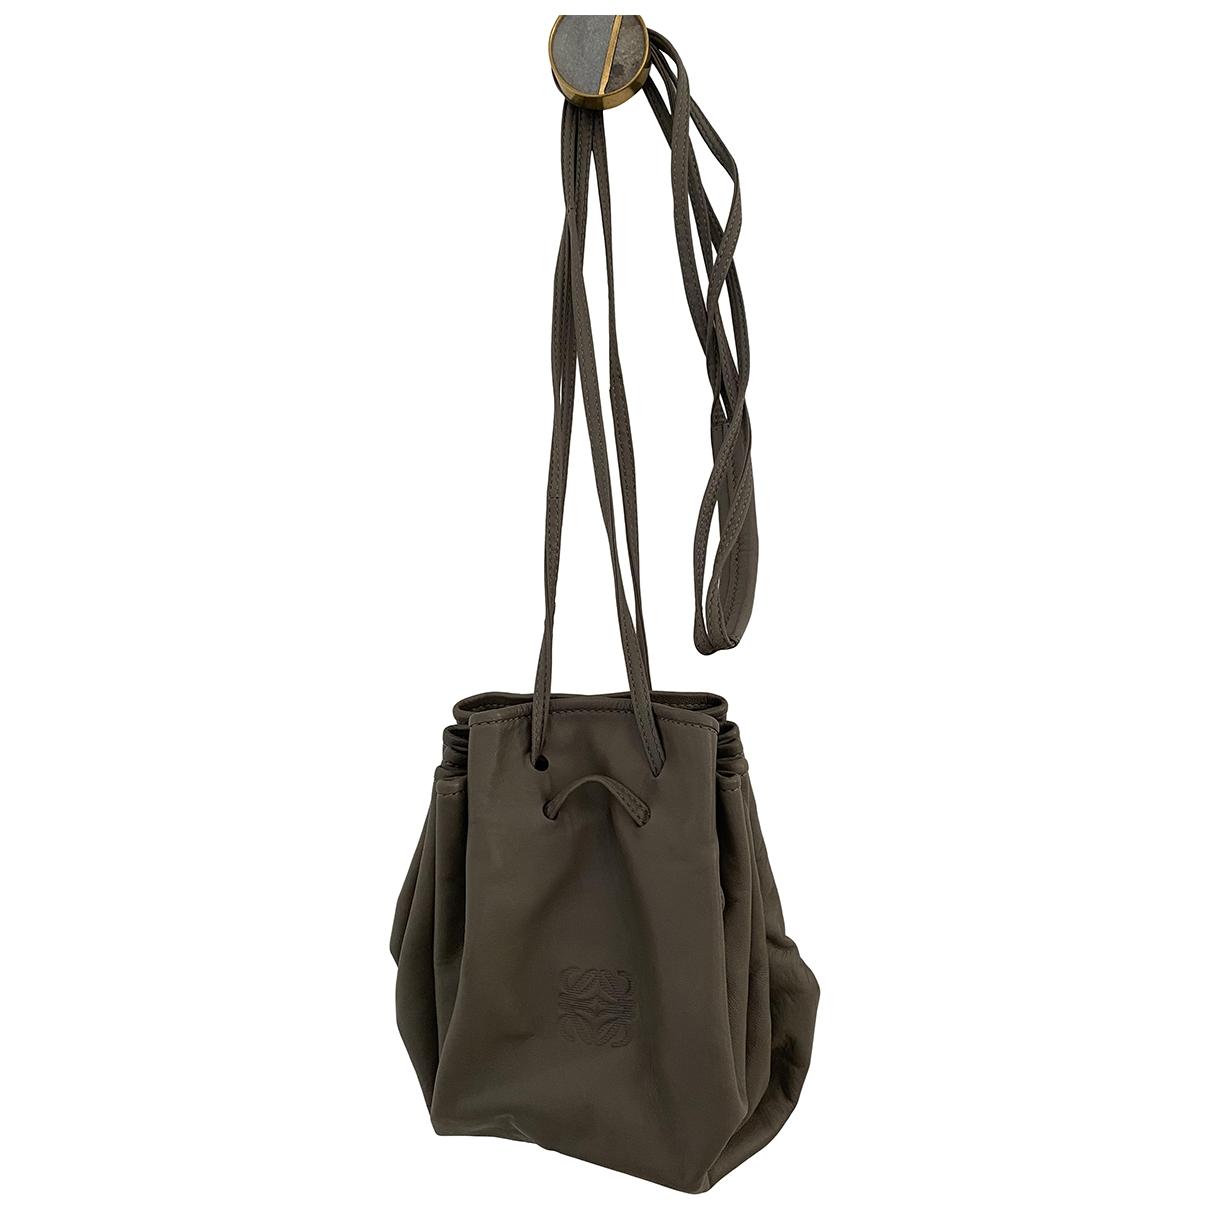 Loewe \N Grey Leather handbag for Women \N